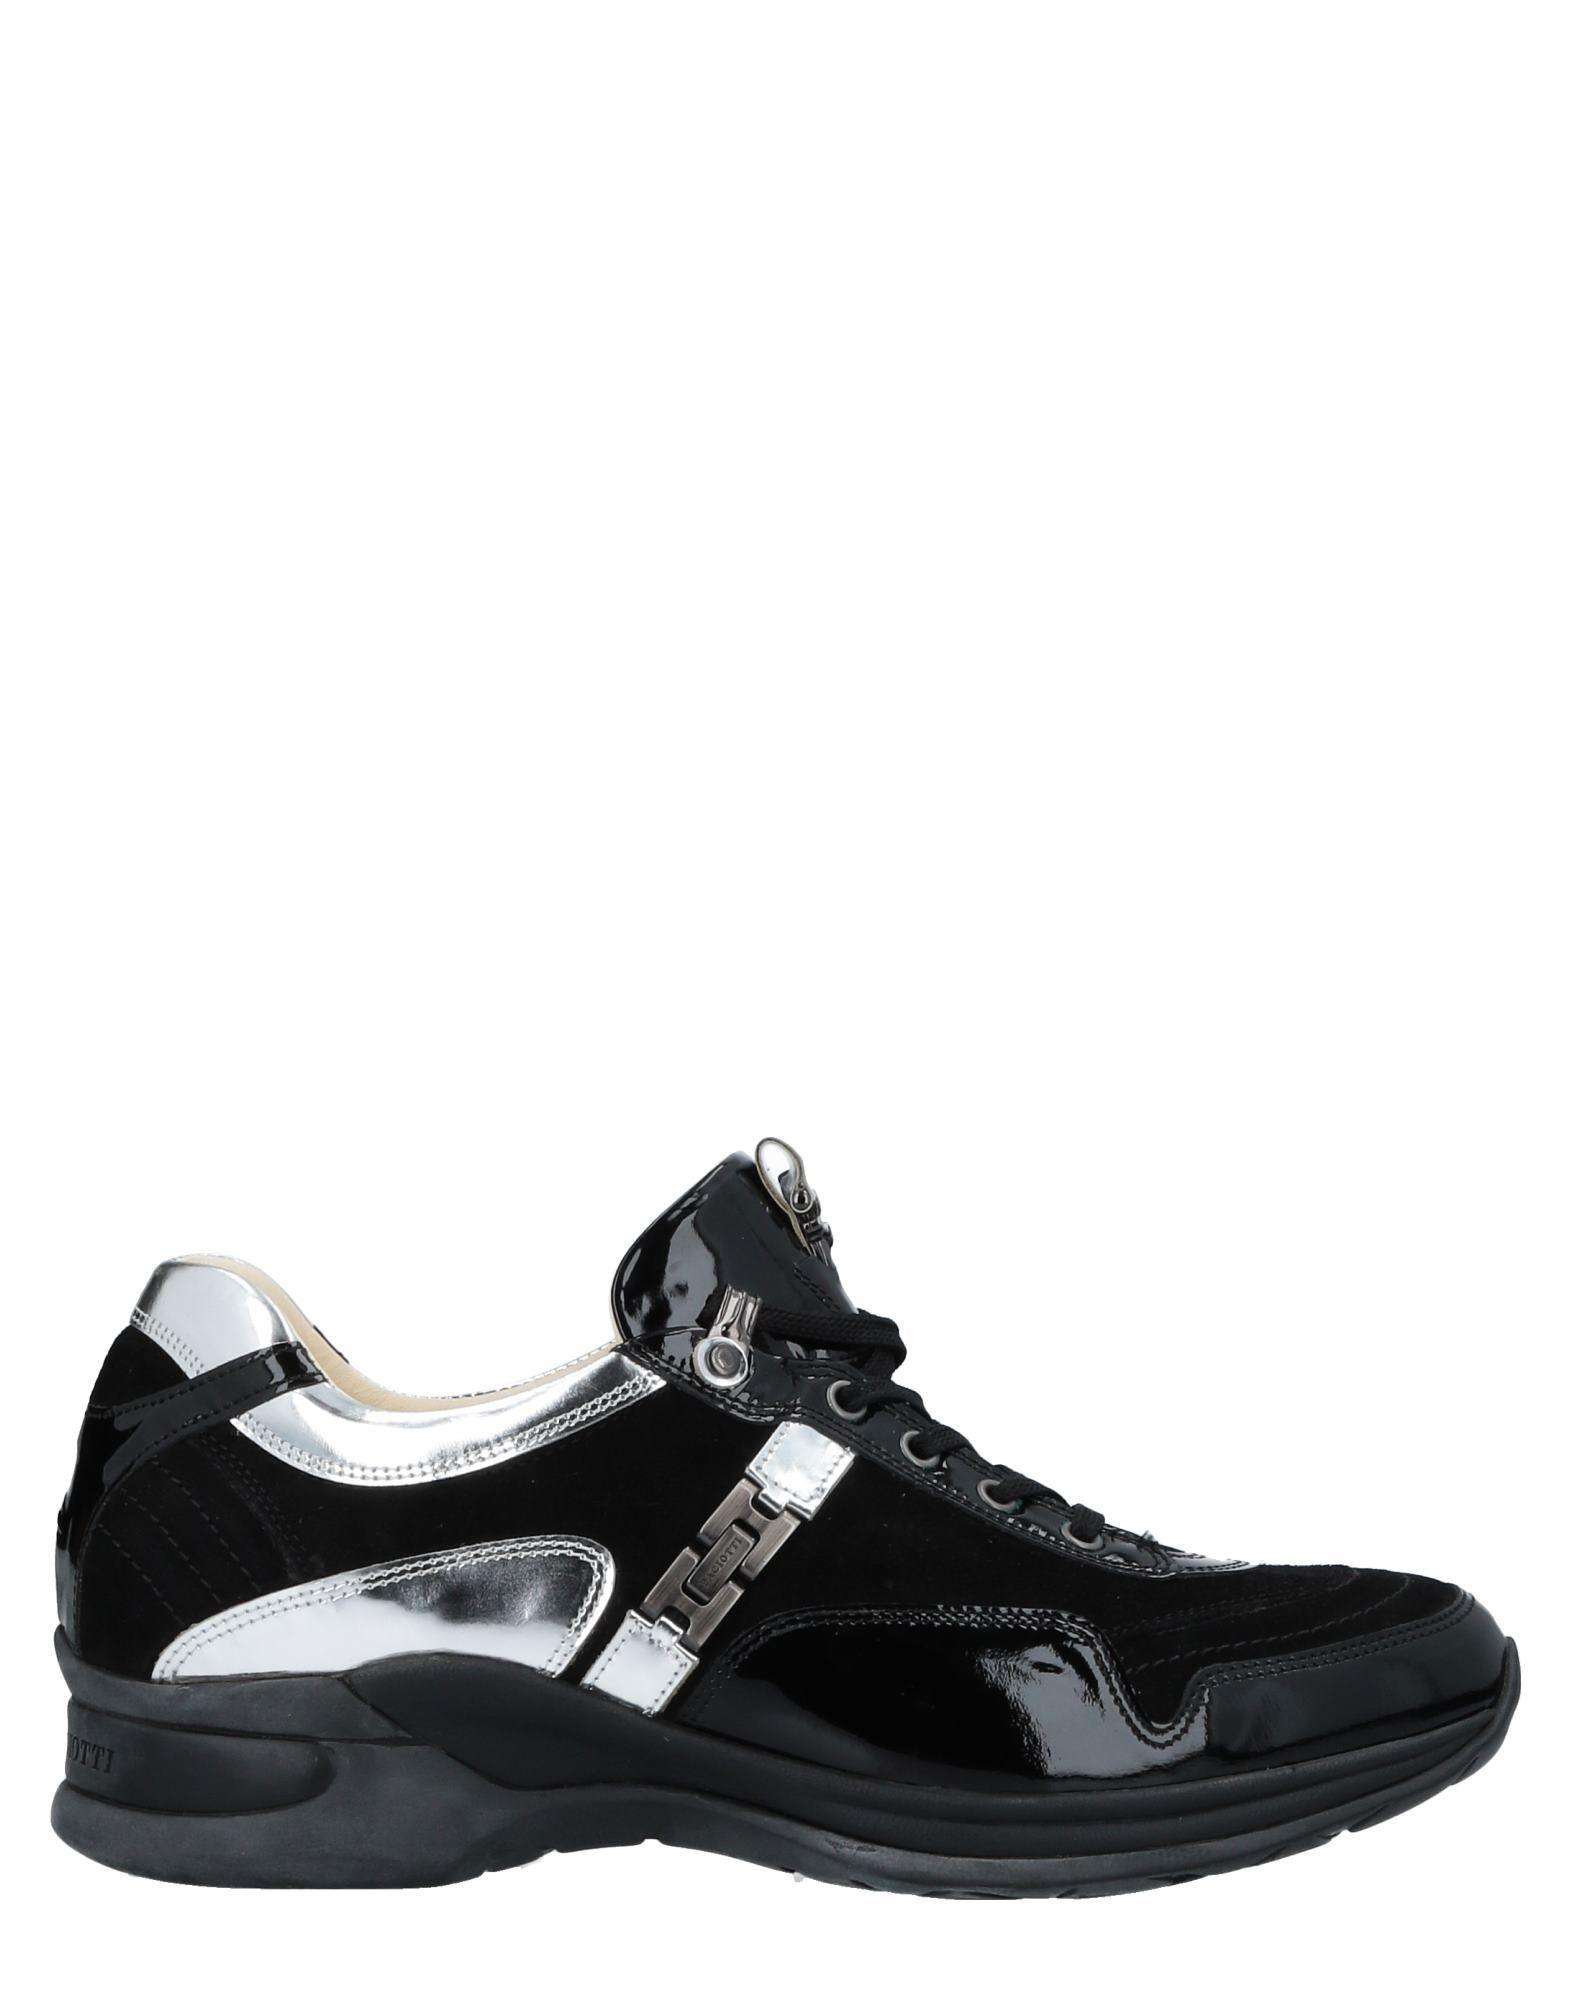 Sneakers Cesare Paciotti 4Us Donna 11513844OV - 11513844OV Donna 70ccd6